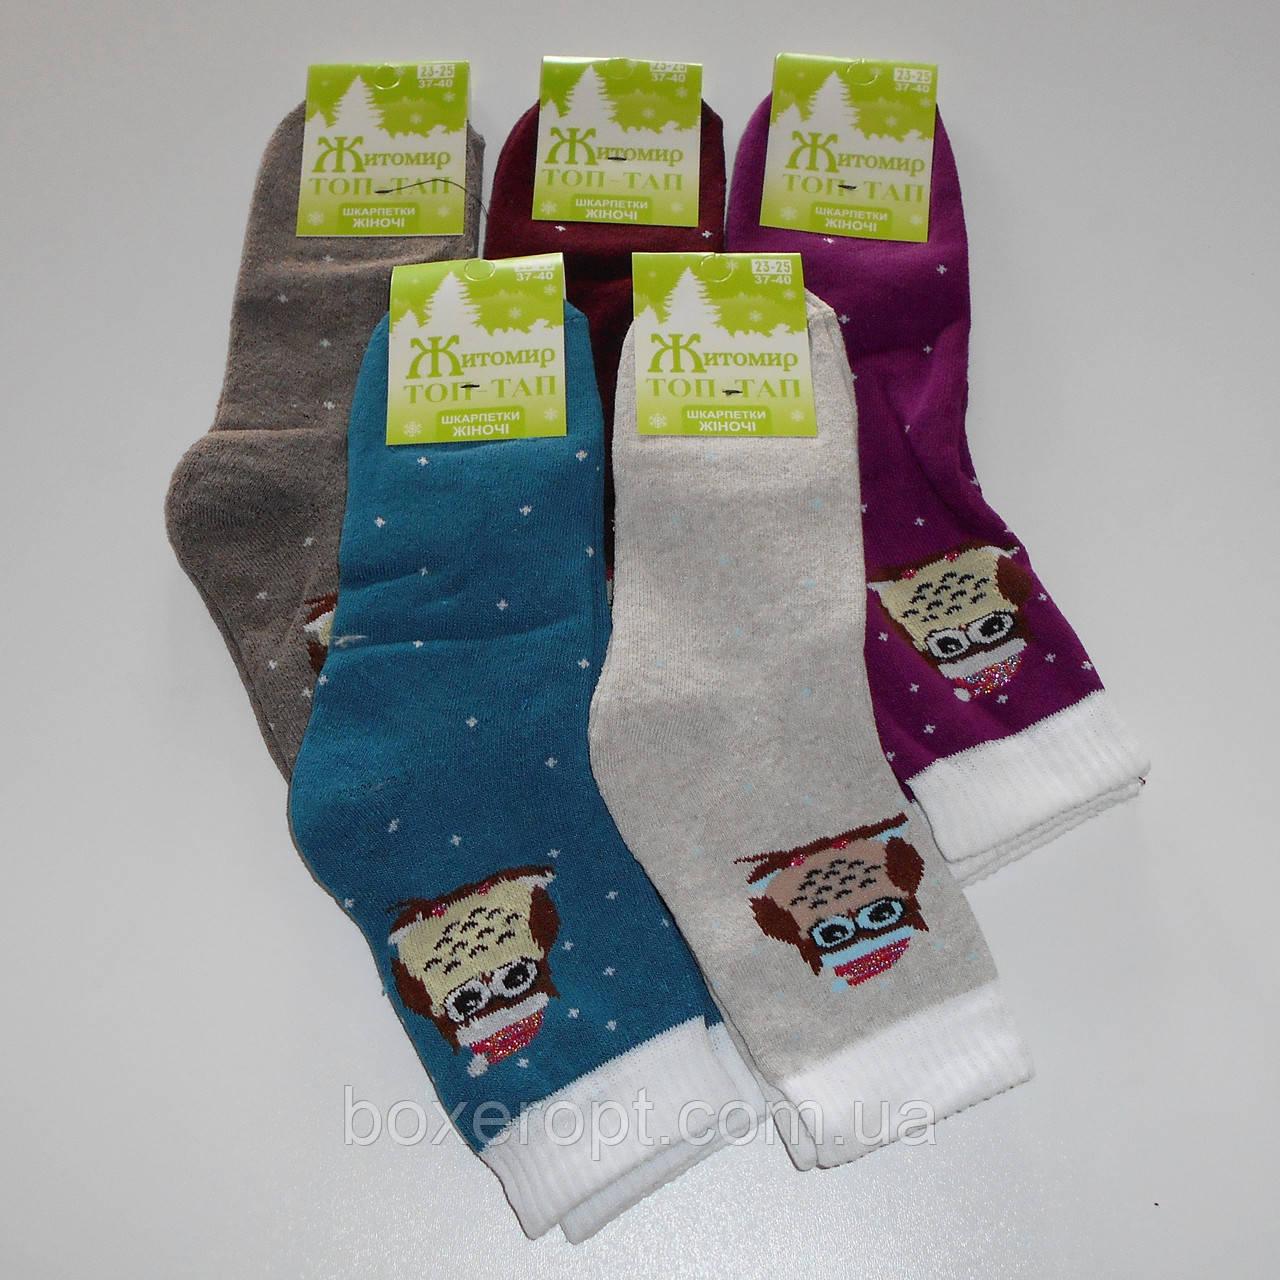 Женские махровые носки Топ-Тап - 11.50 грн./пара (сова)